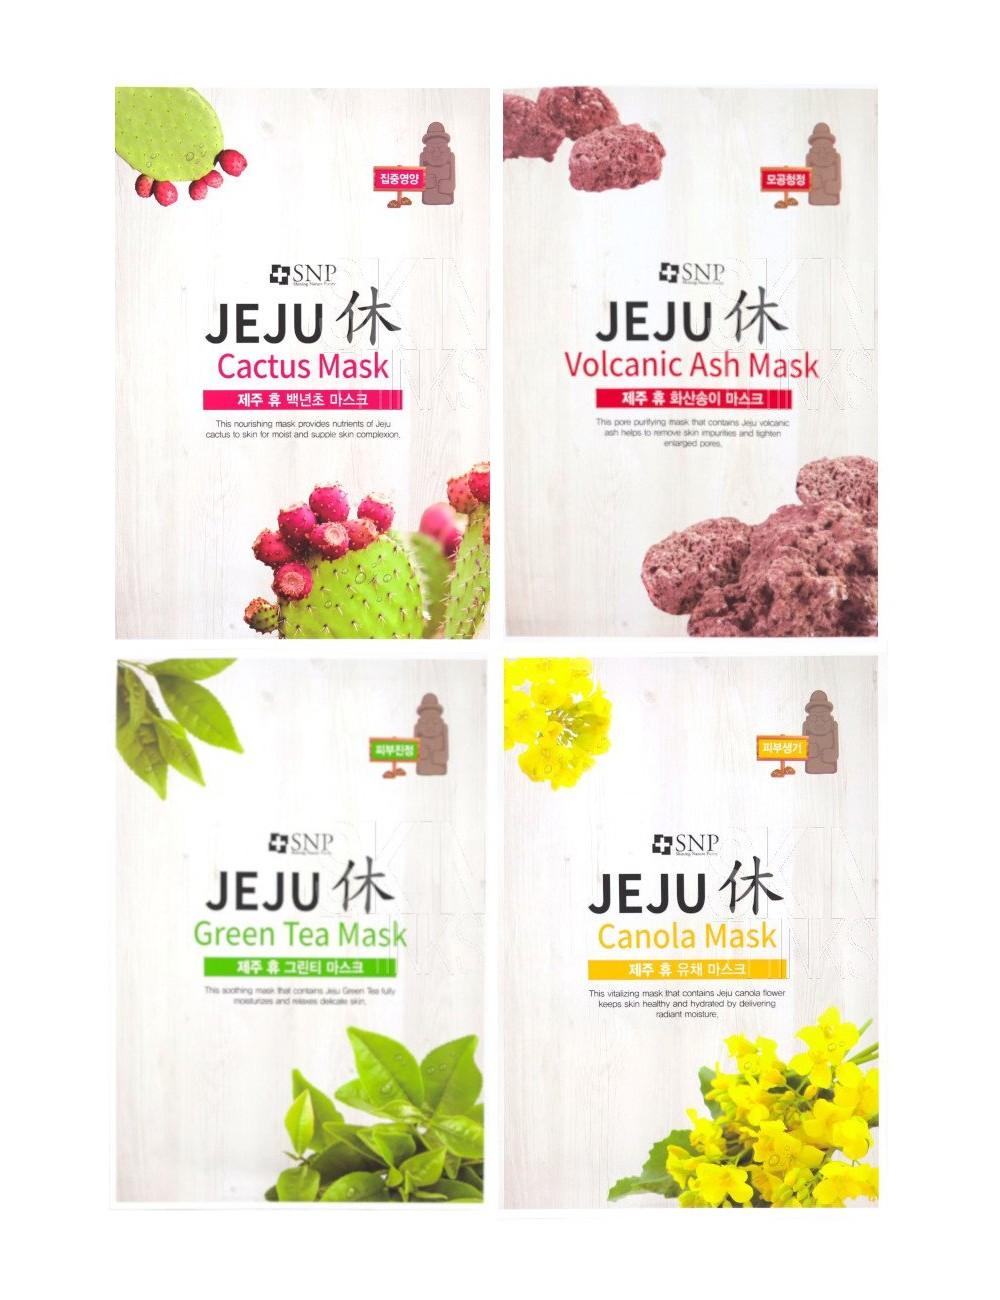 Pack 4 SNP  Jeju Rest Mask